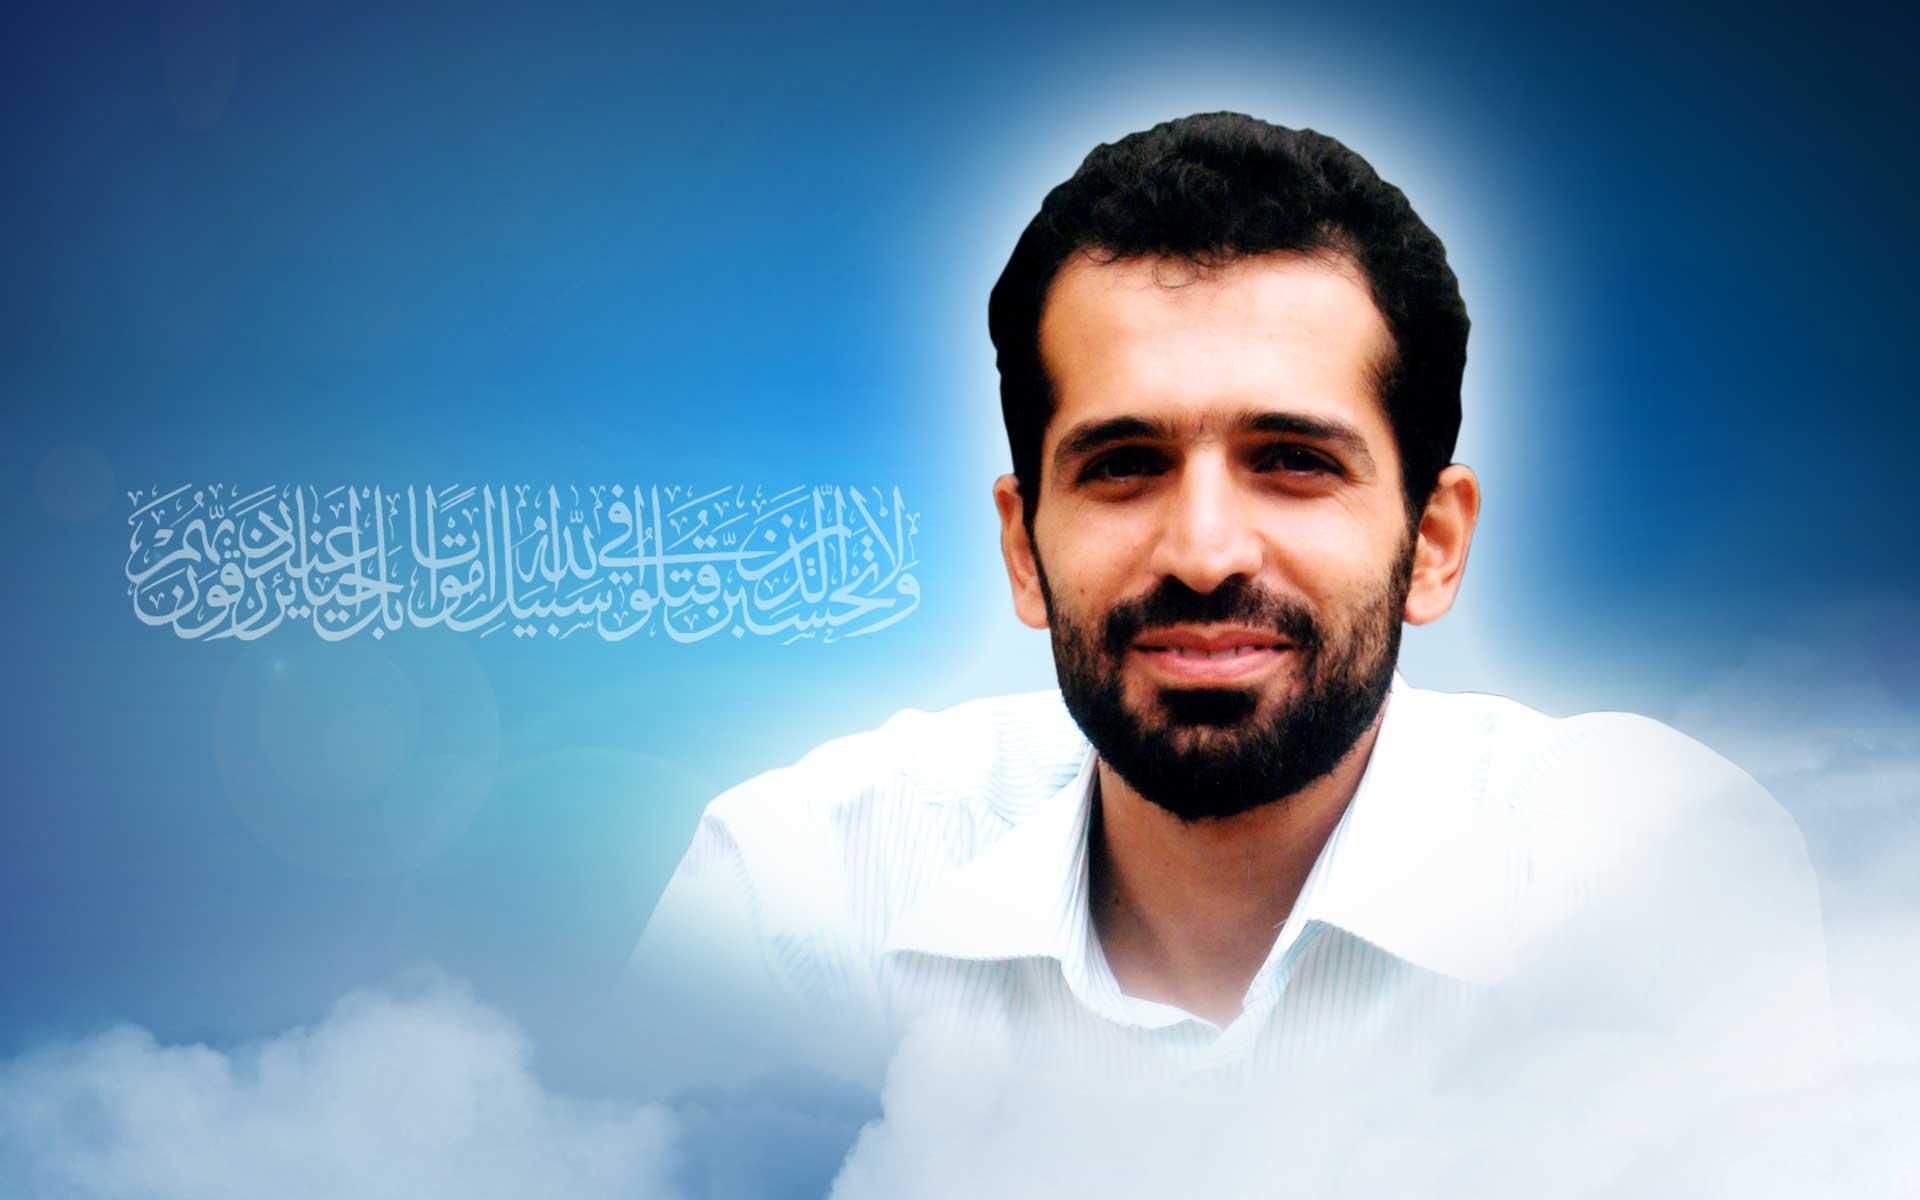 شهید مصطفی احمدی روشن